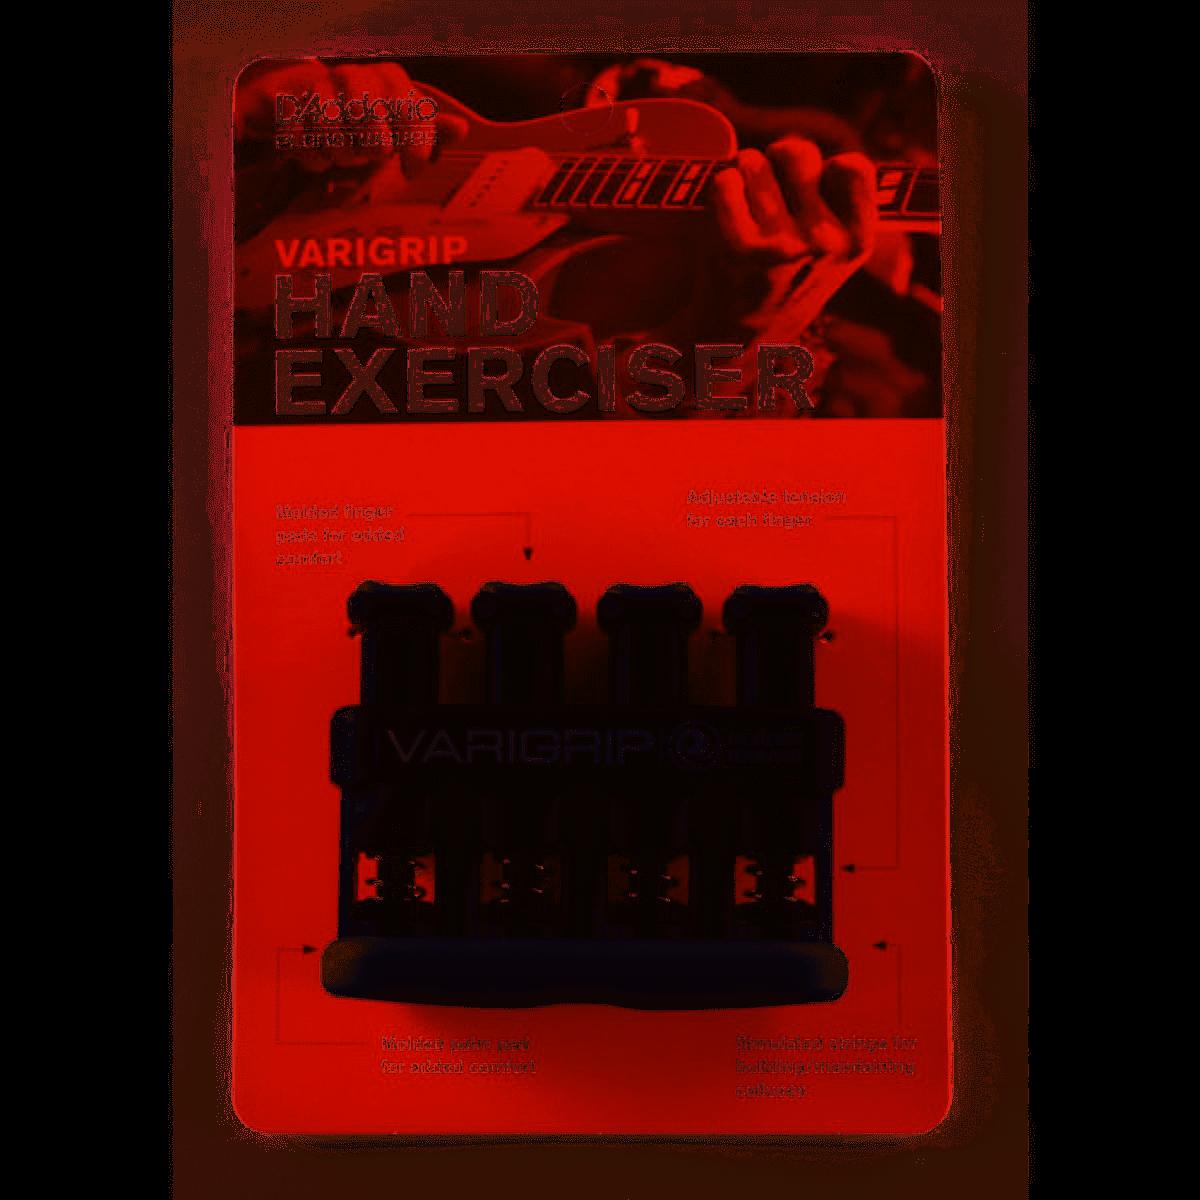 Ejercitador Planetwaves Vari-Grip